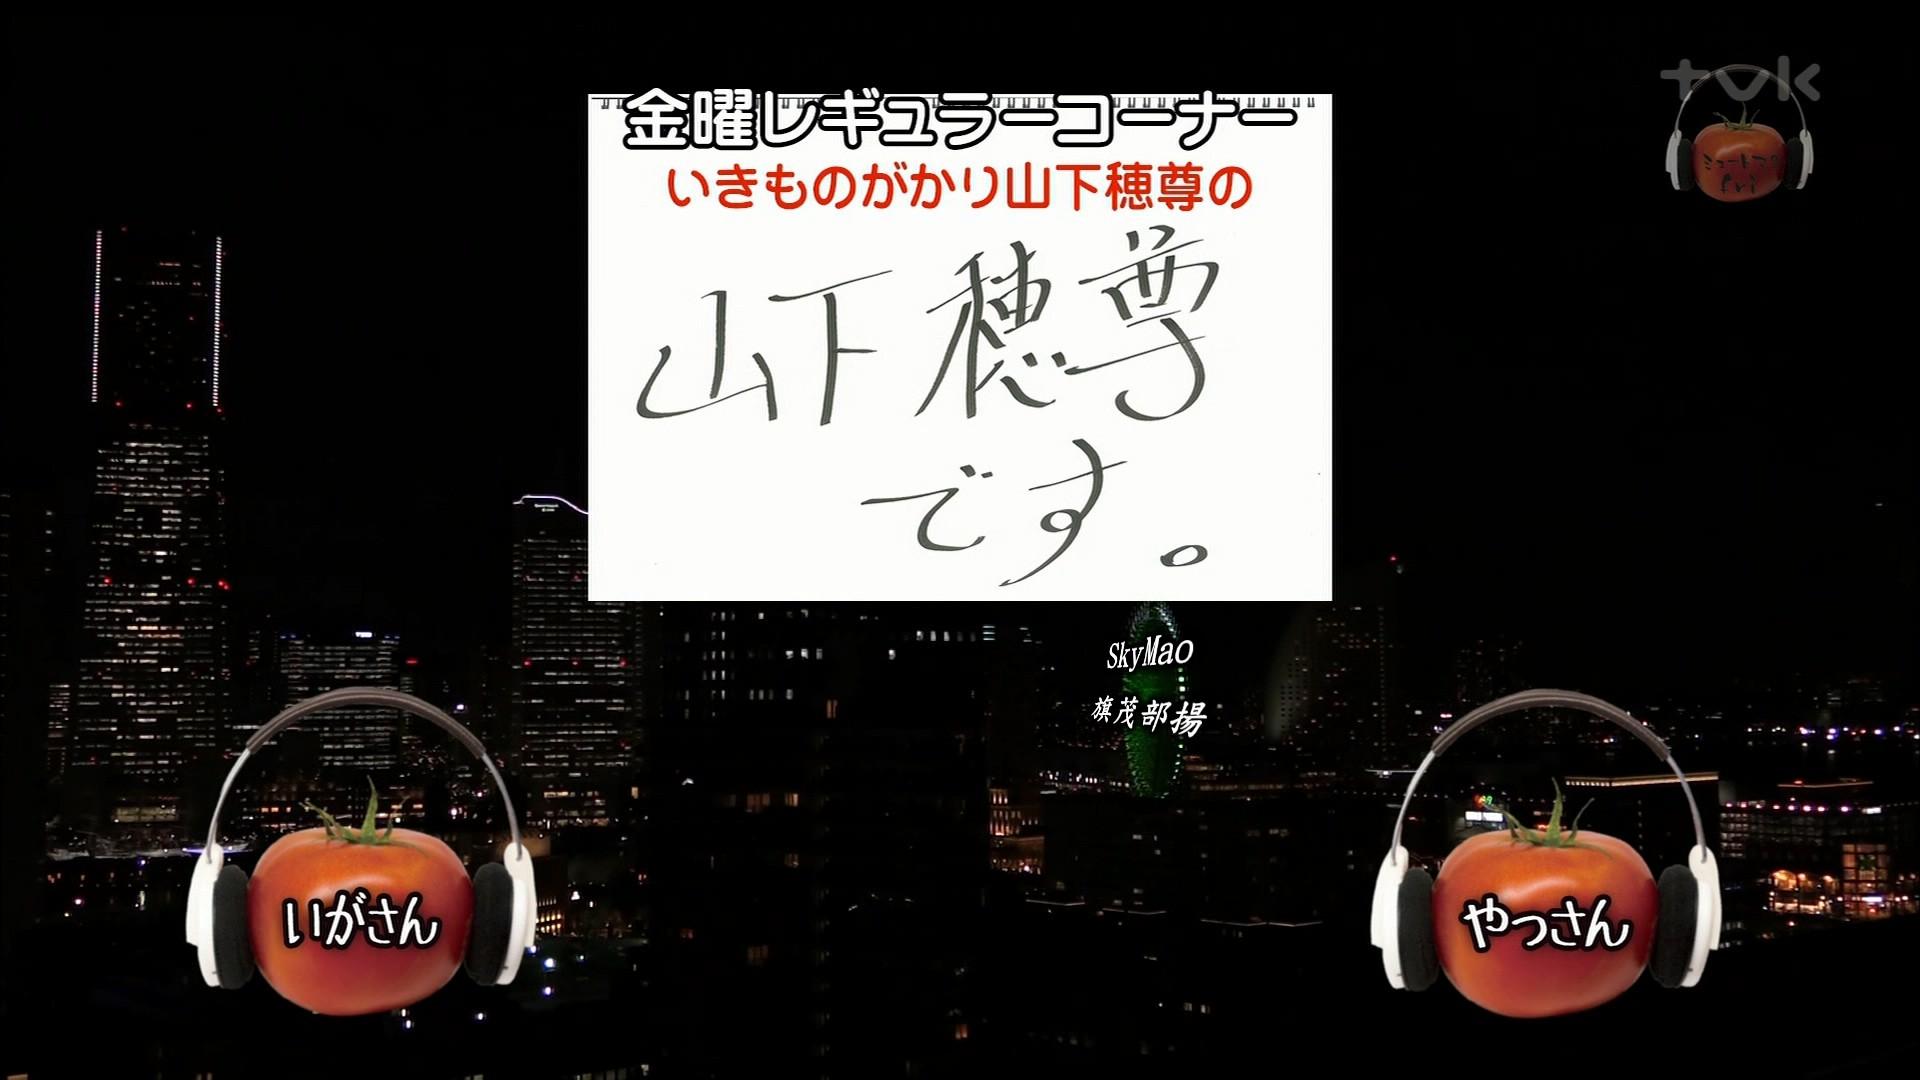 2017.12.01 全場(ミュートマ2).ts_20171202_005738.121